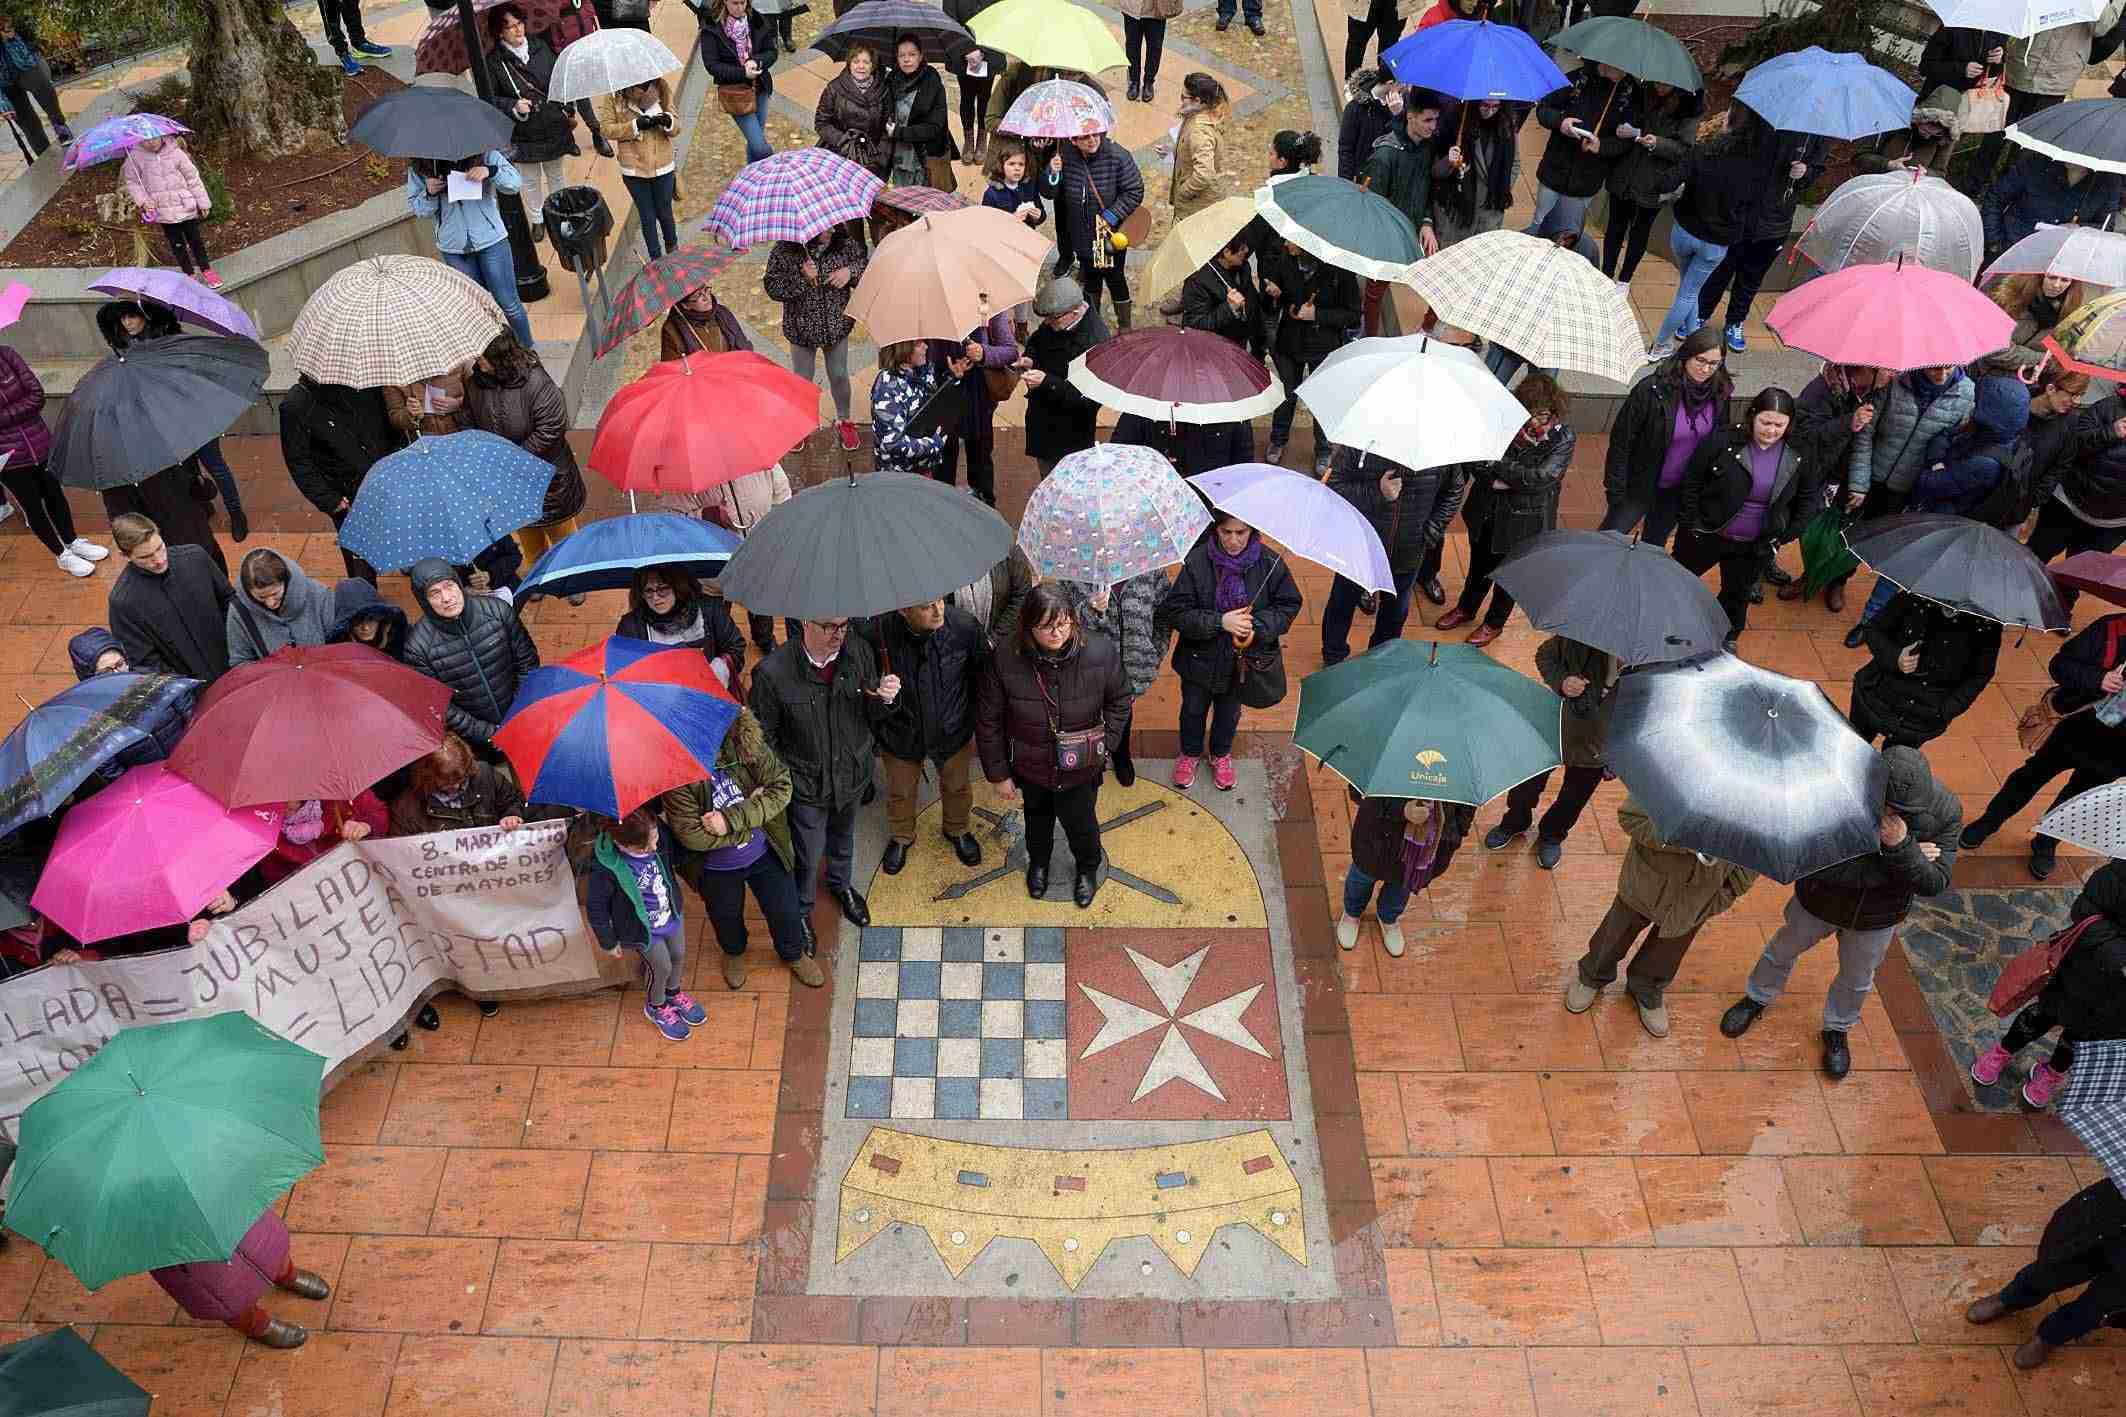 Argamasilla de Alba conmemora el 8M con una concentración por la igualdad 2